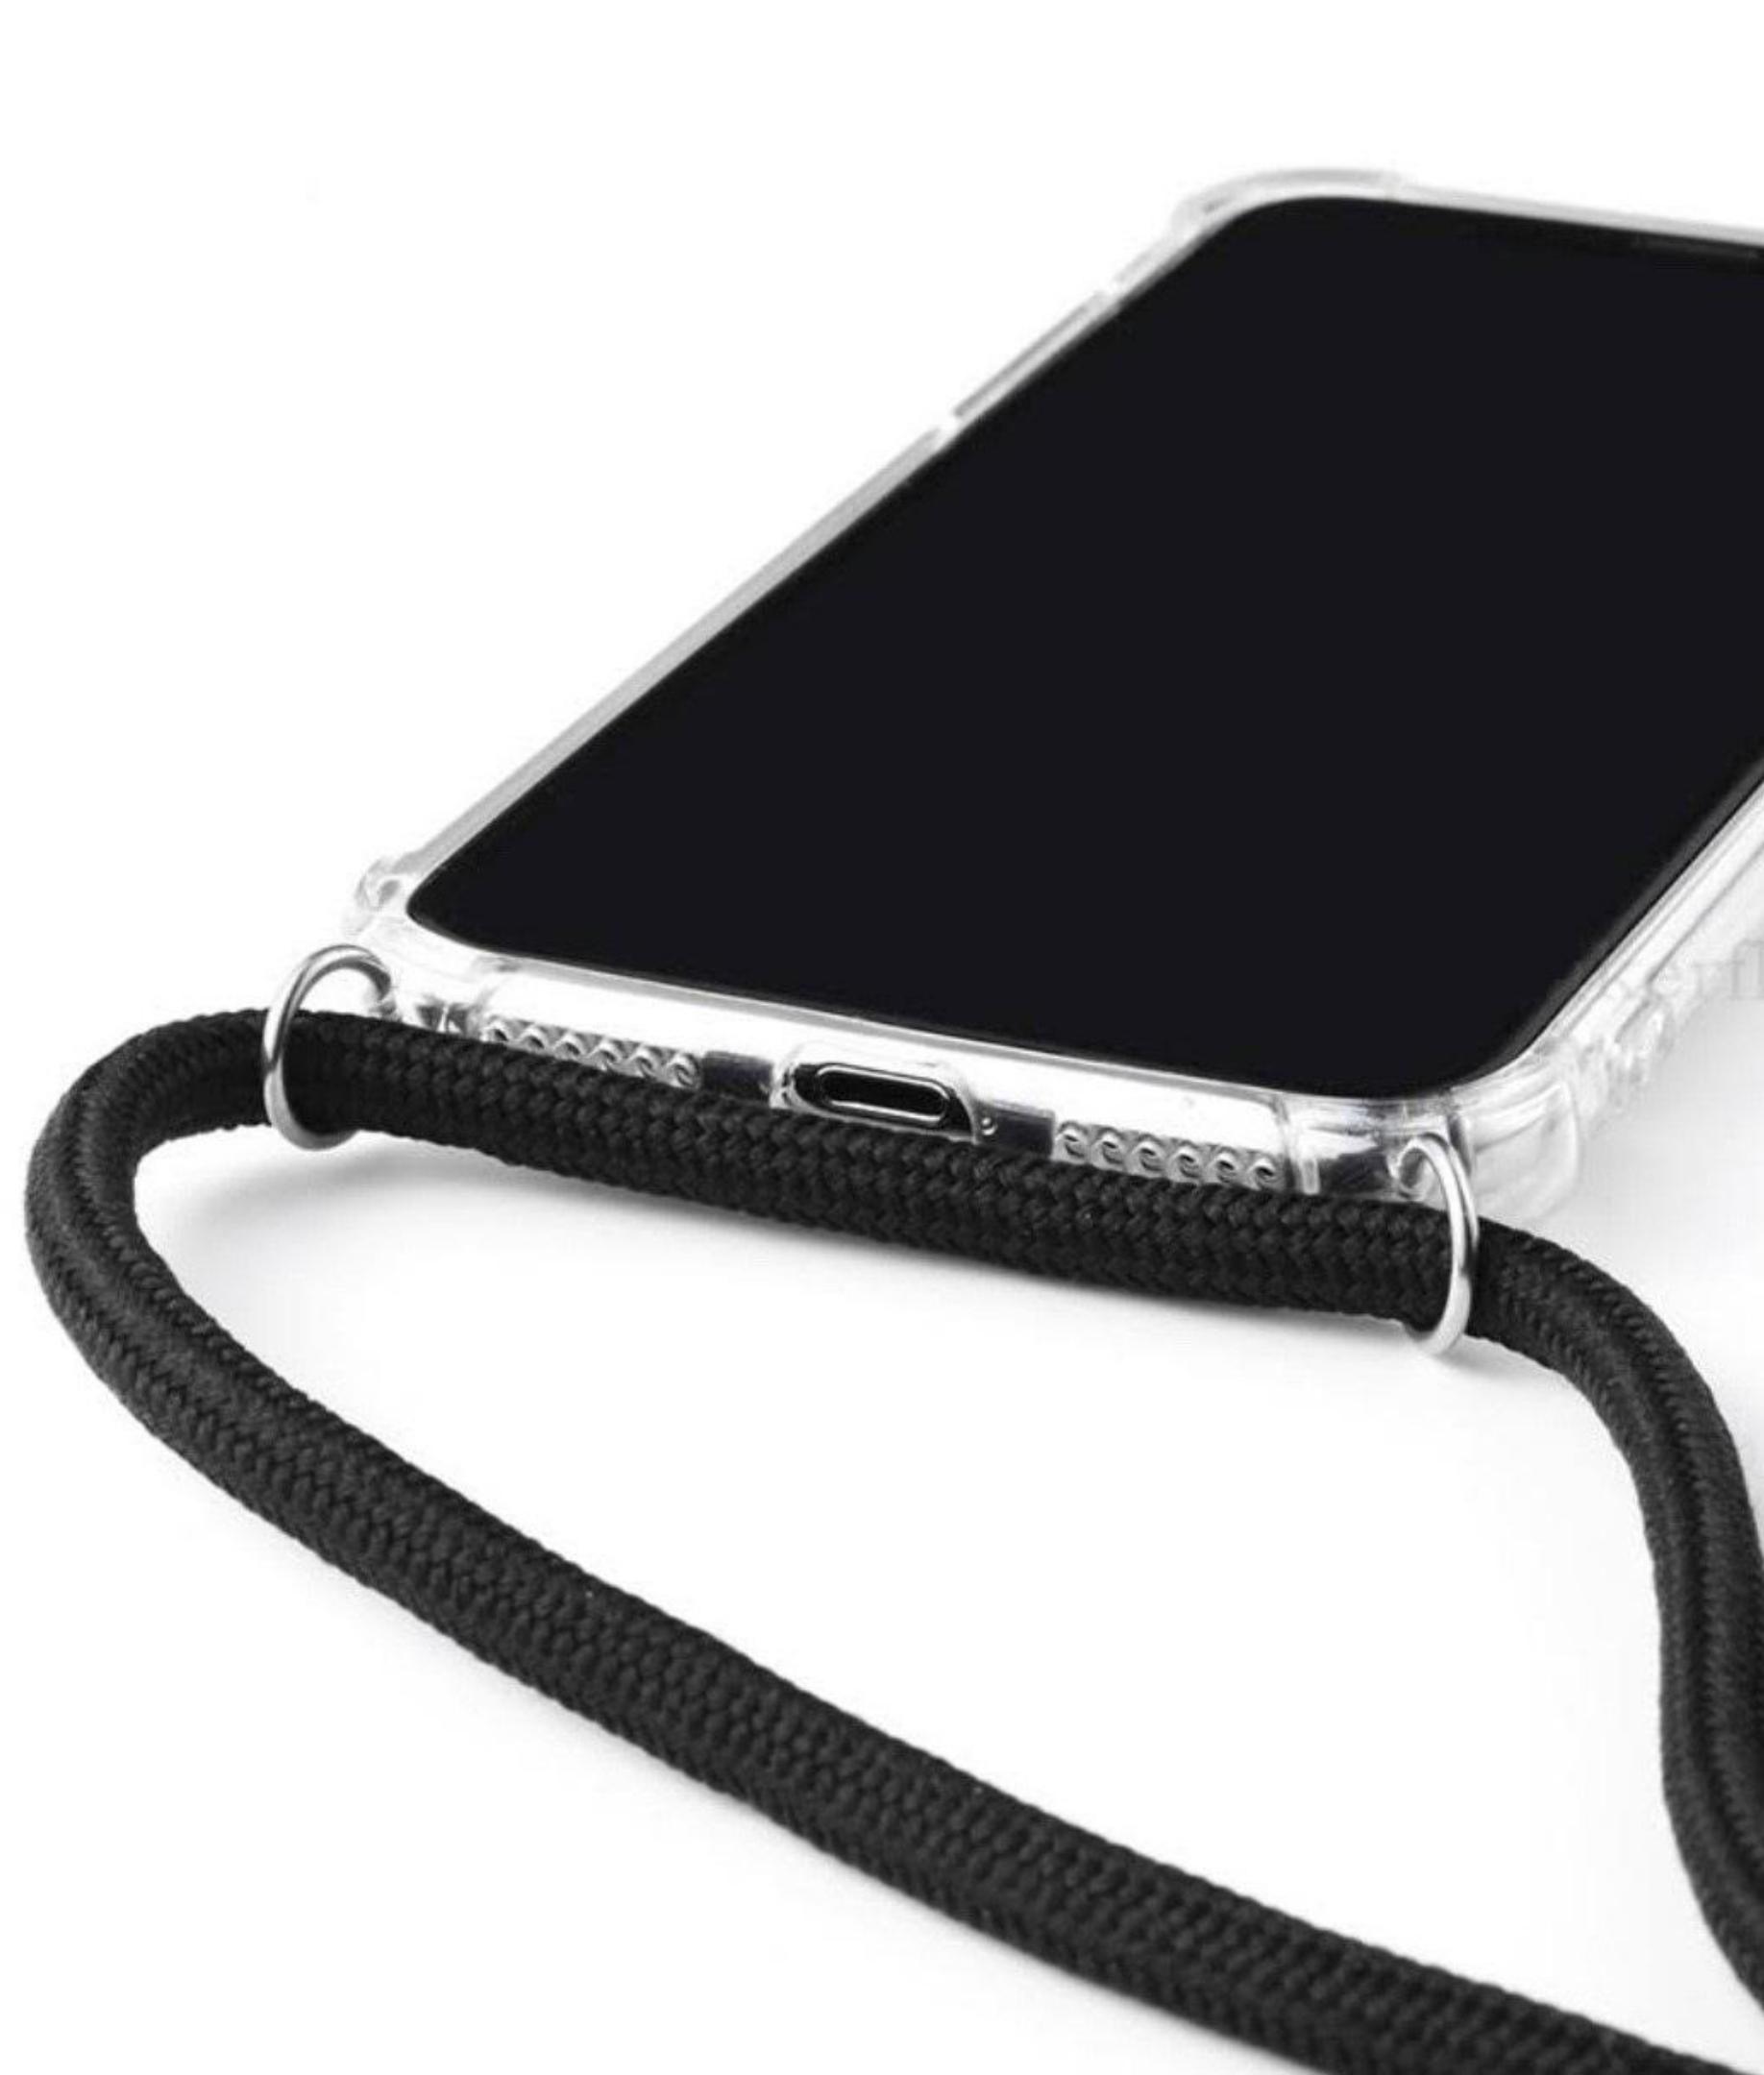 Capa para Iphone 11 com Fio - Preto